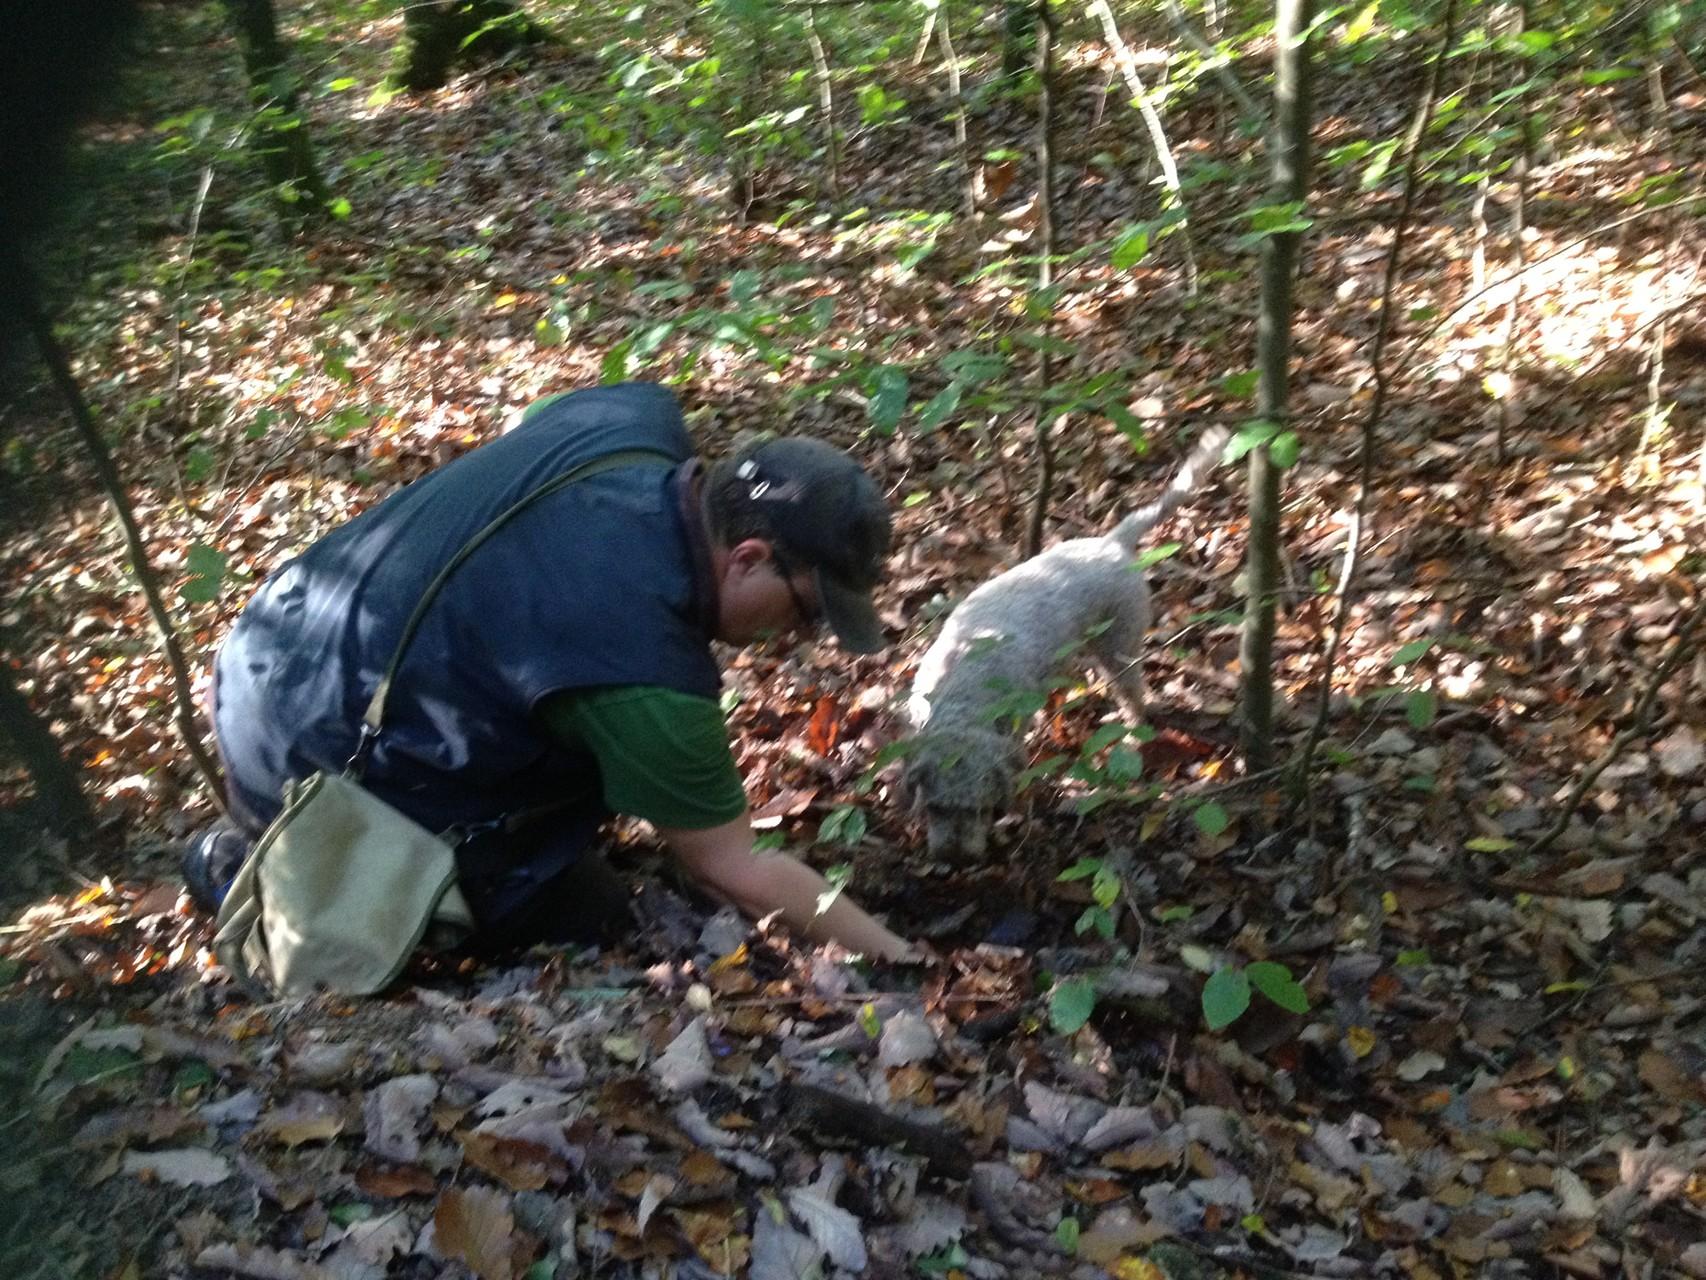 Baila und Beat bei der Arbeit im Wald